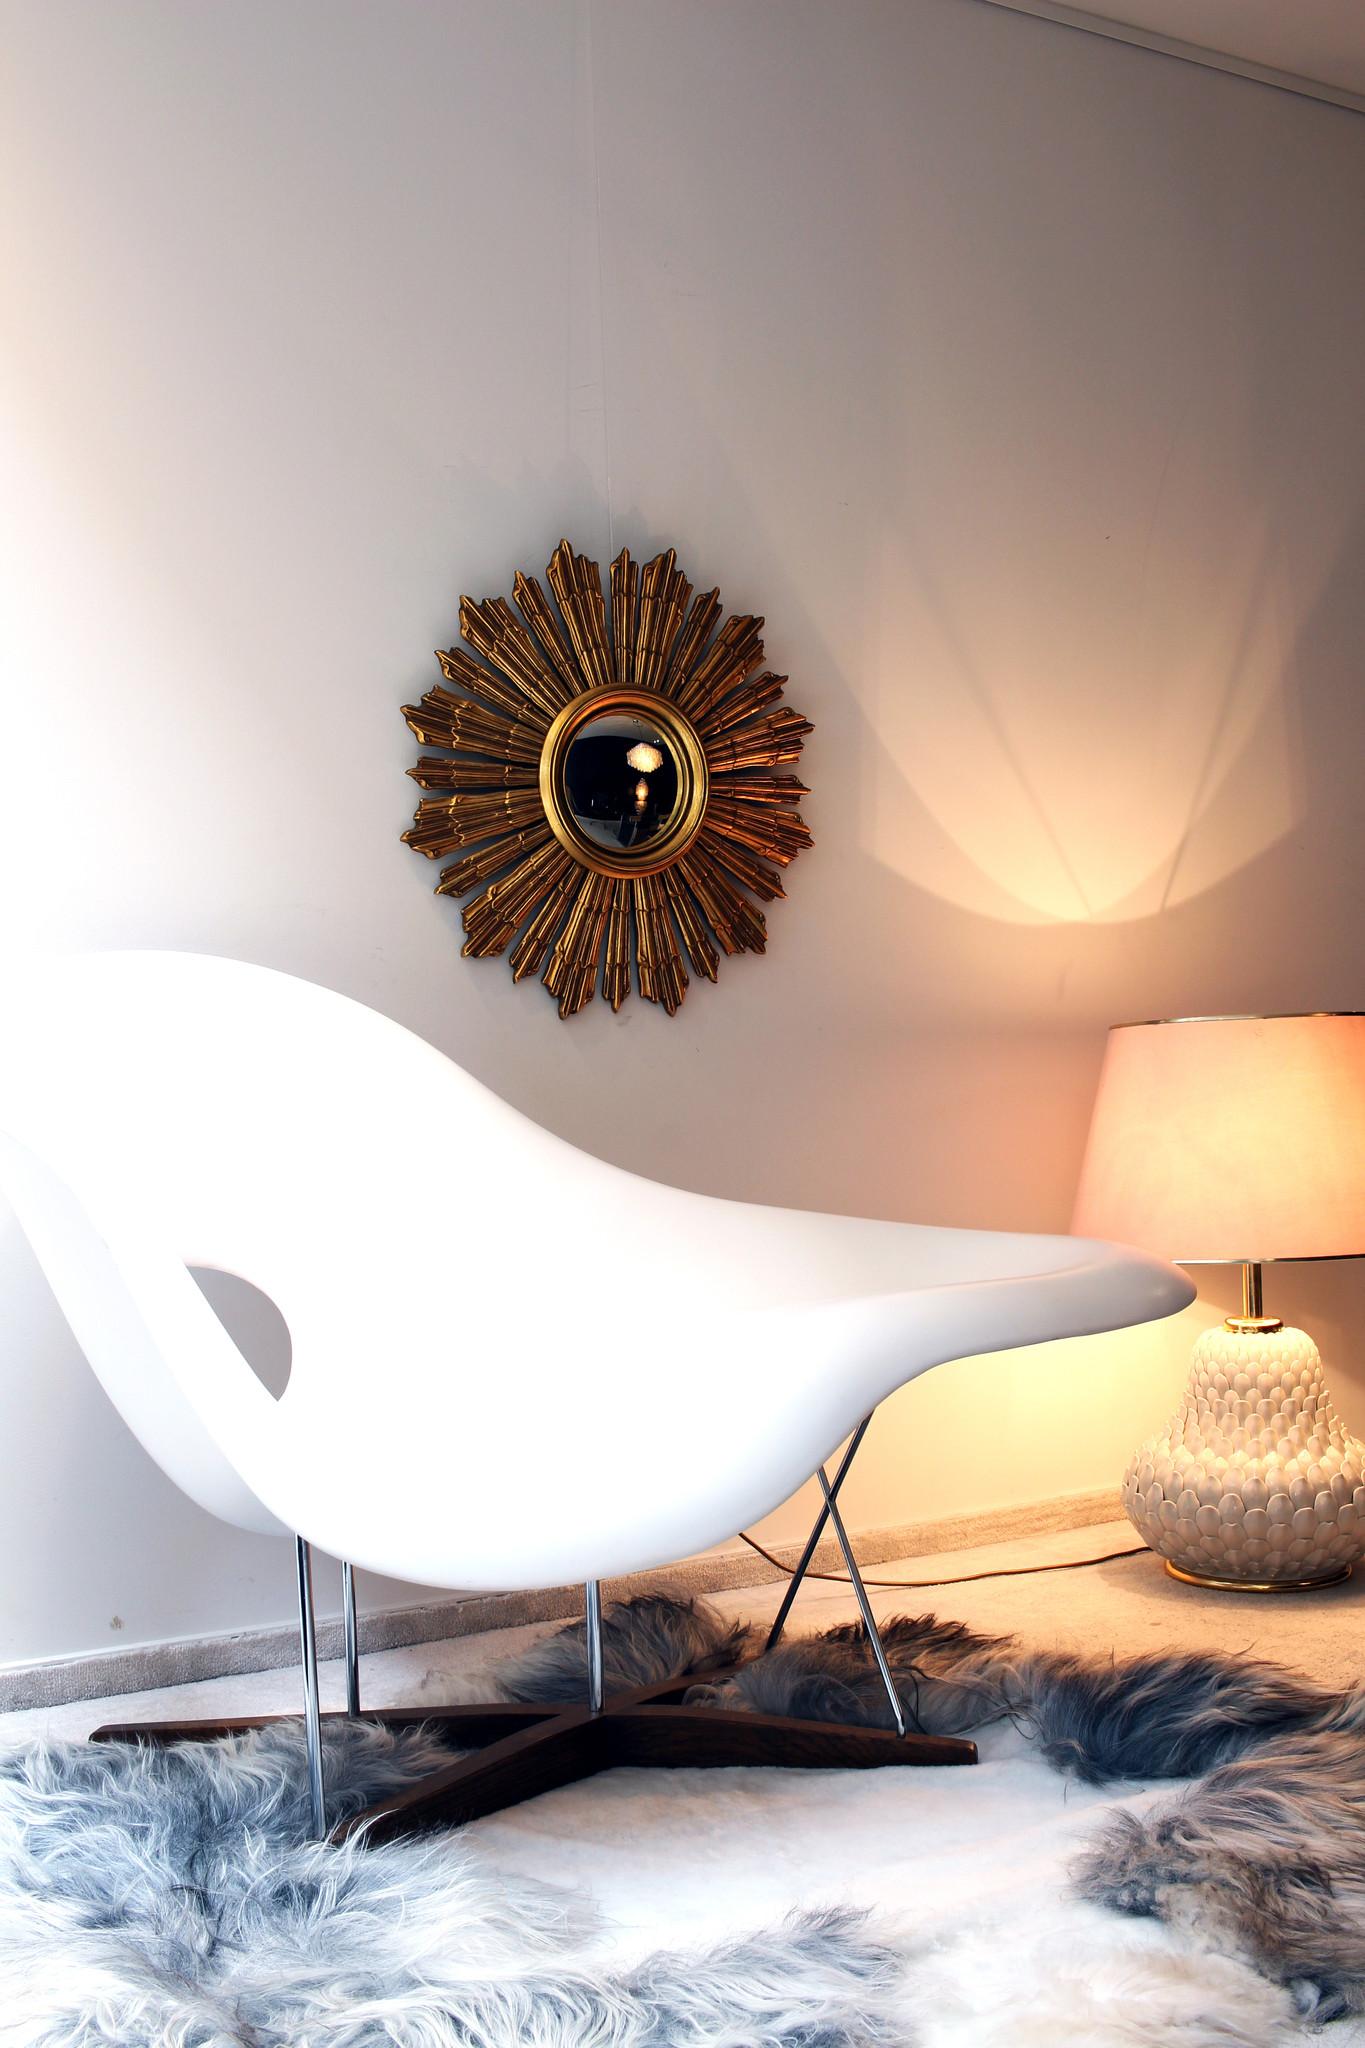 Authentic sun mirror